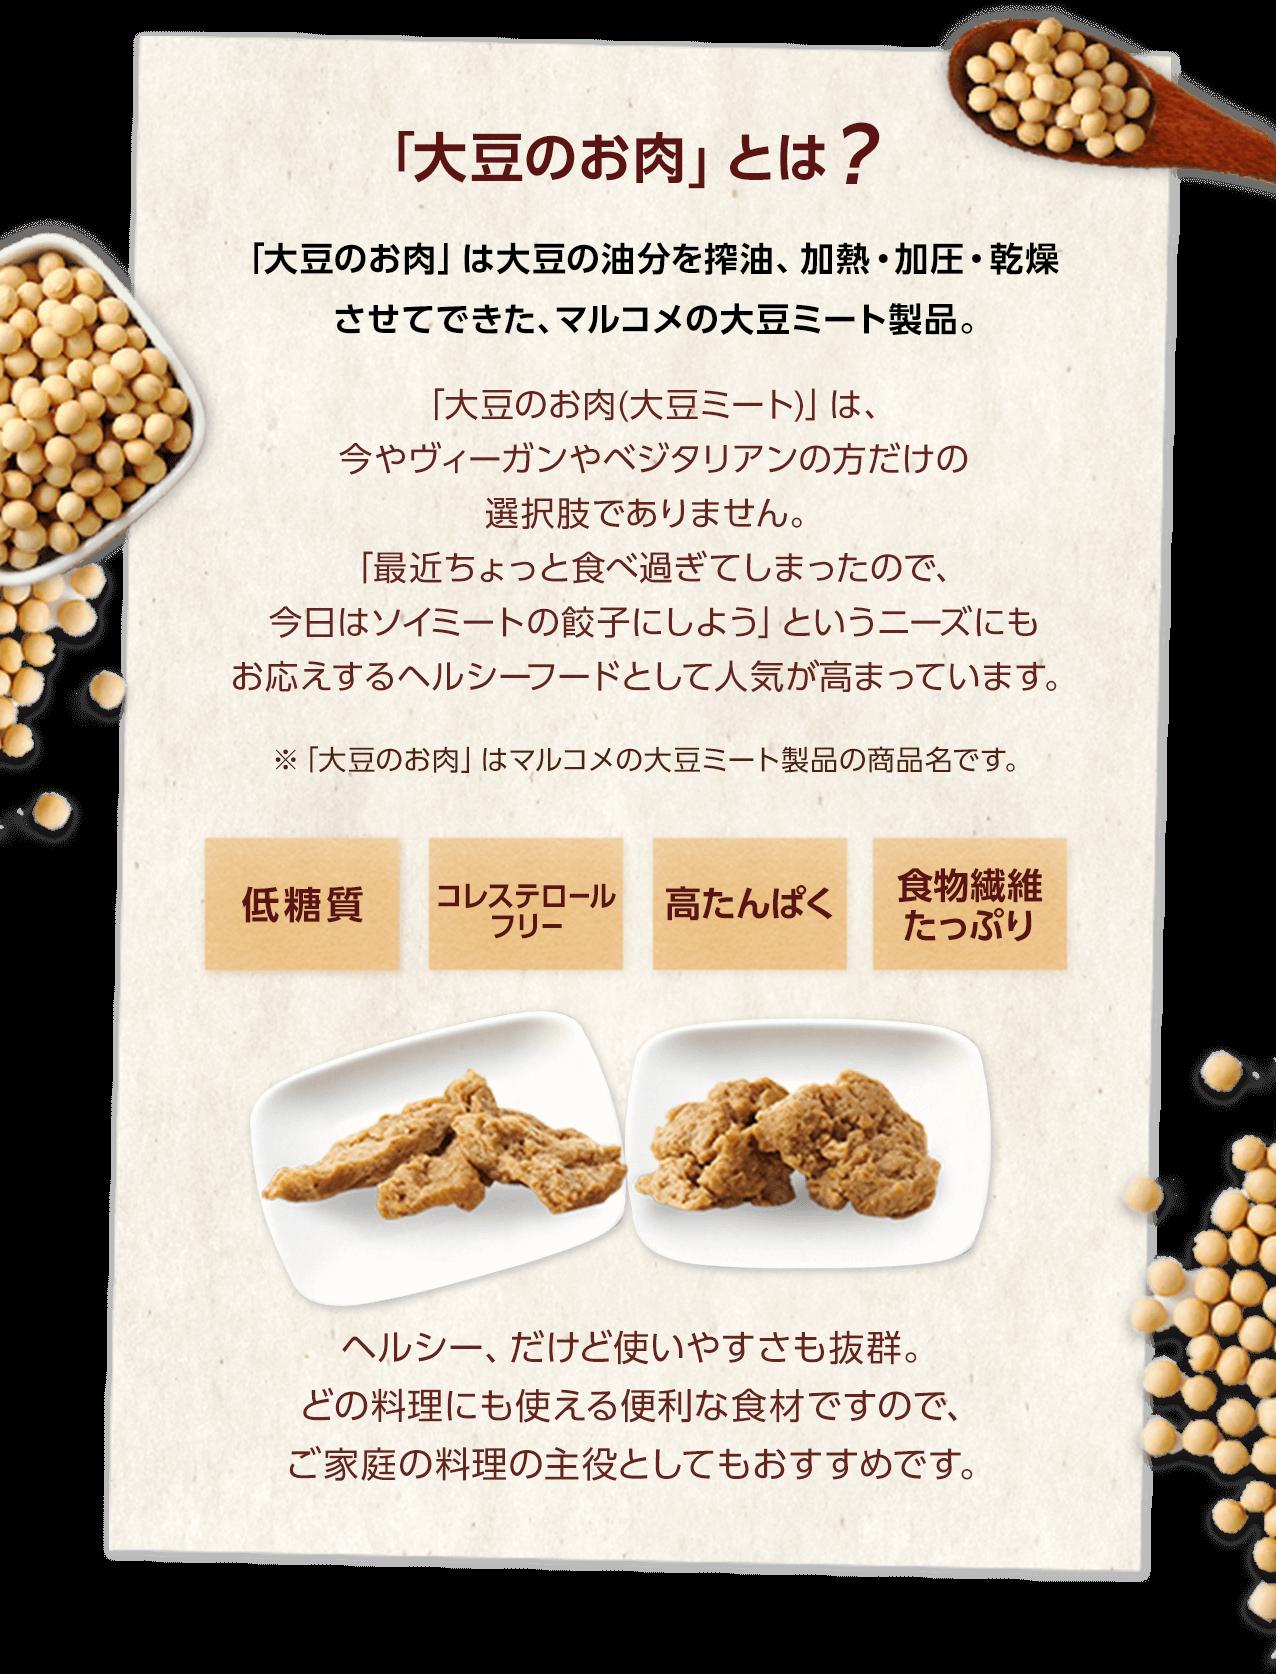 「大豆のお肉」とは? 「大豆のお肉」は大豆の油分を搾油、加熱・加圧・乾燥 させてできた、マルコメの大豆ミート製品。  「大豆のお肉(大豆ミート)」は、今やヴィーガンやベジタリアンの方だけの選択肢でありません。「最近ちょっと食べ過ぎてしまったので、今日はソイミートの餃子にしよう」というニーズにもお応えするヘルシーフードとして人気が高まっています。※「大豆のお肉」はマルコメの大豆ミート製品の商品名です。低糖質、コレステロールフリー、高たんぱく、食物繊維たっぷり。ヘルシー、だけど使いやすさも抜群。どの料理にも使える便利な食材ですので、ご家庭の料理の主役としてもおすすめです。